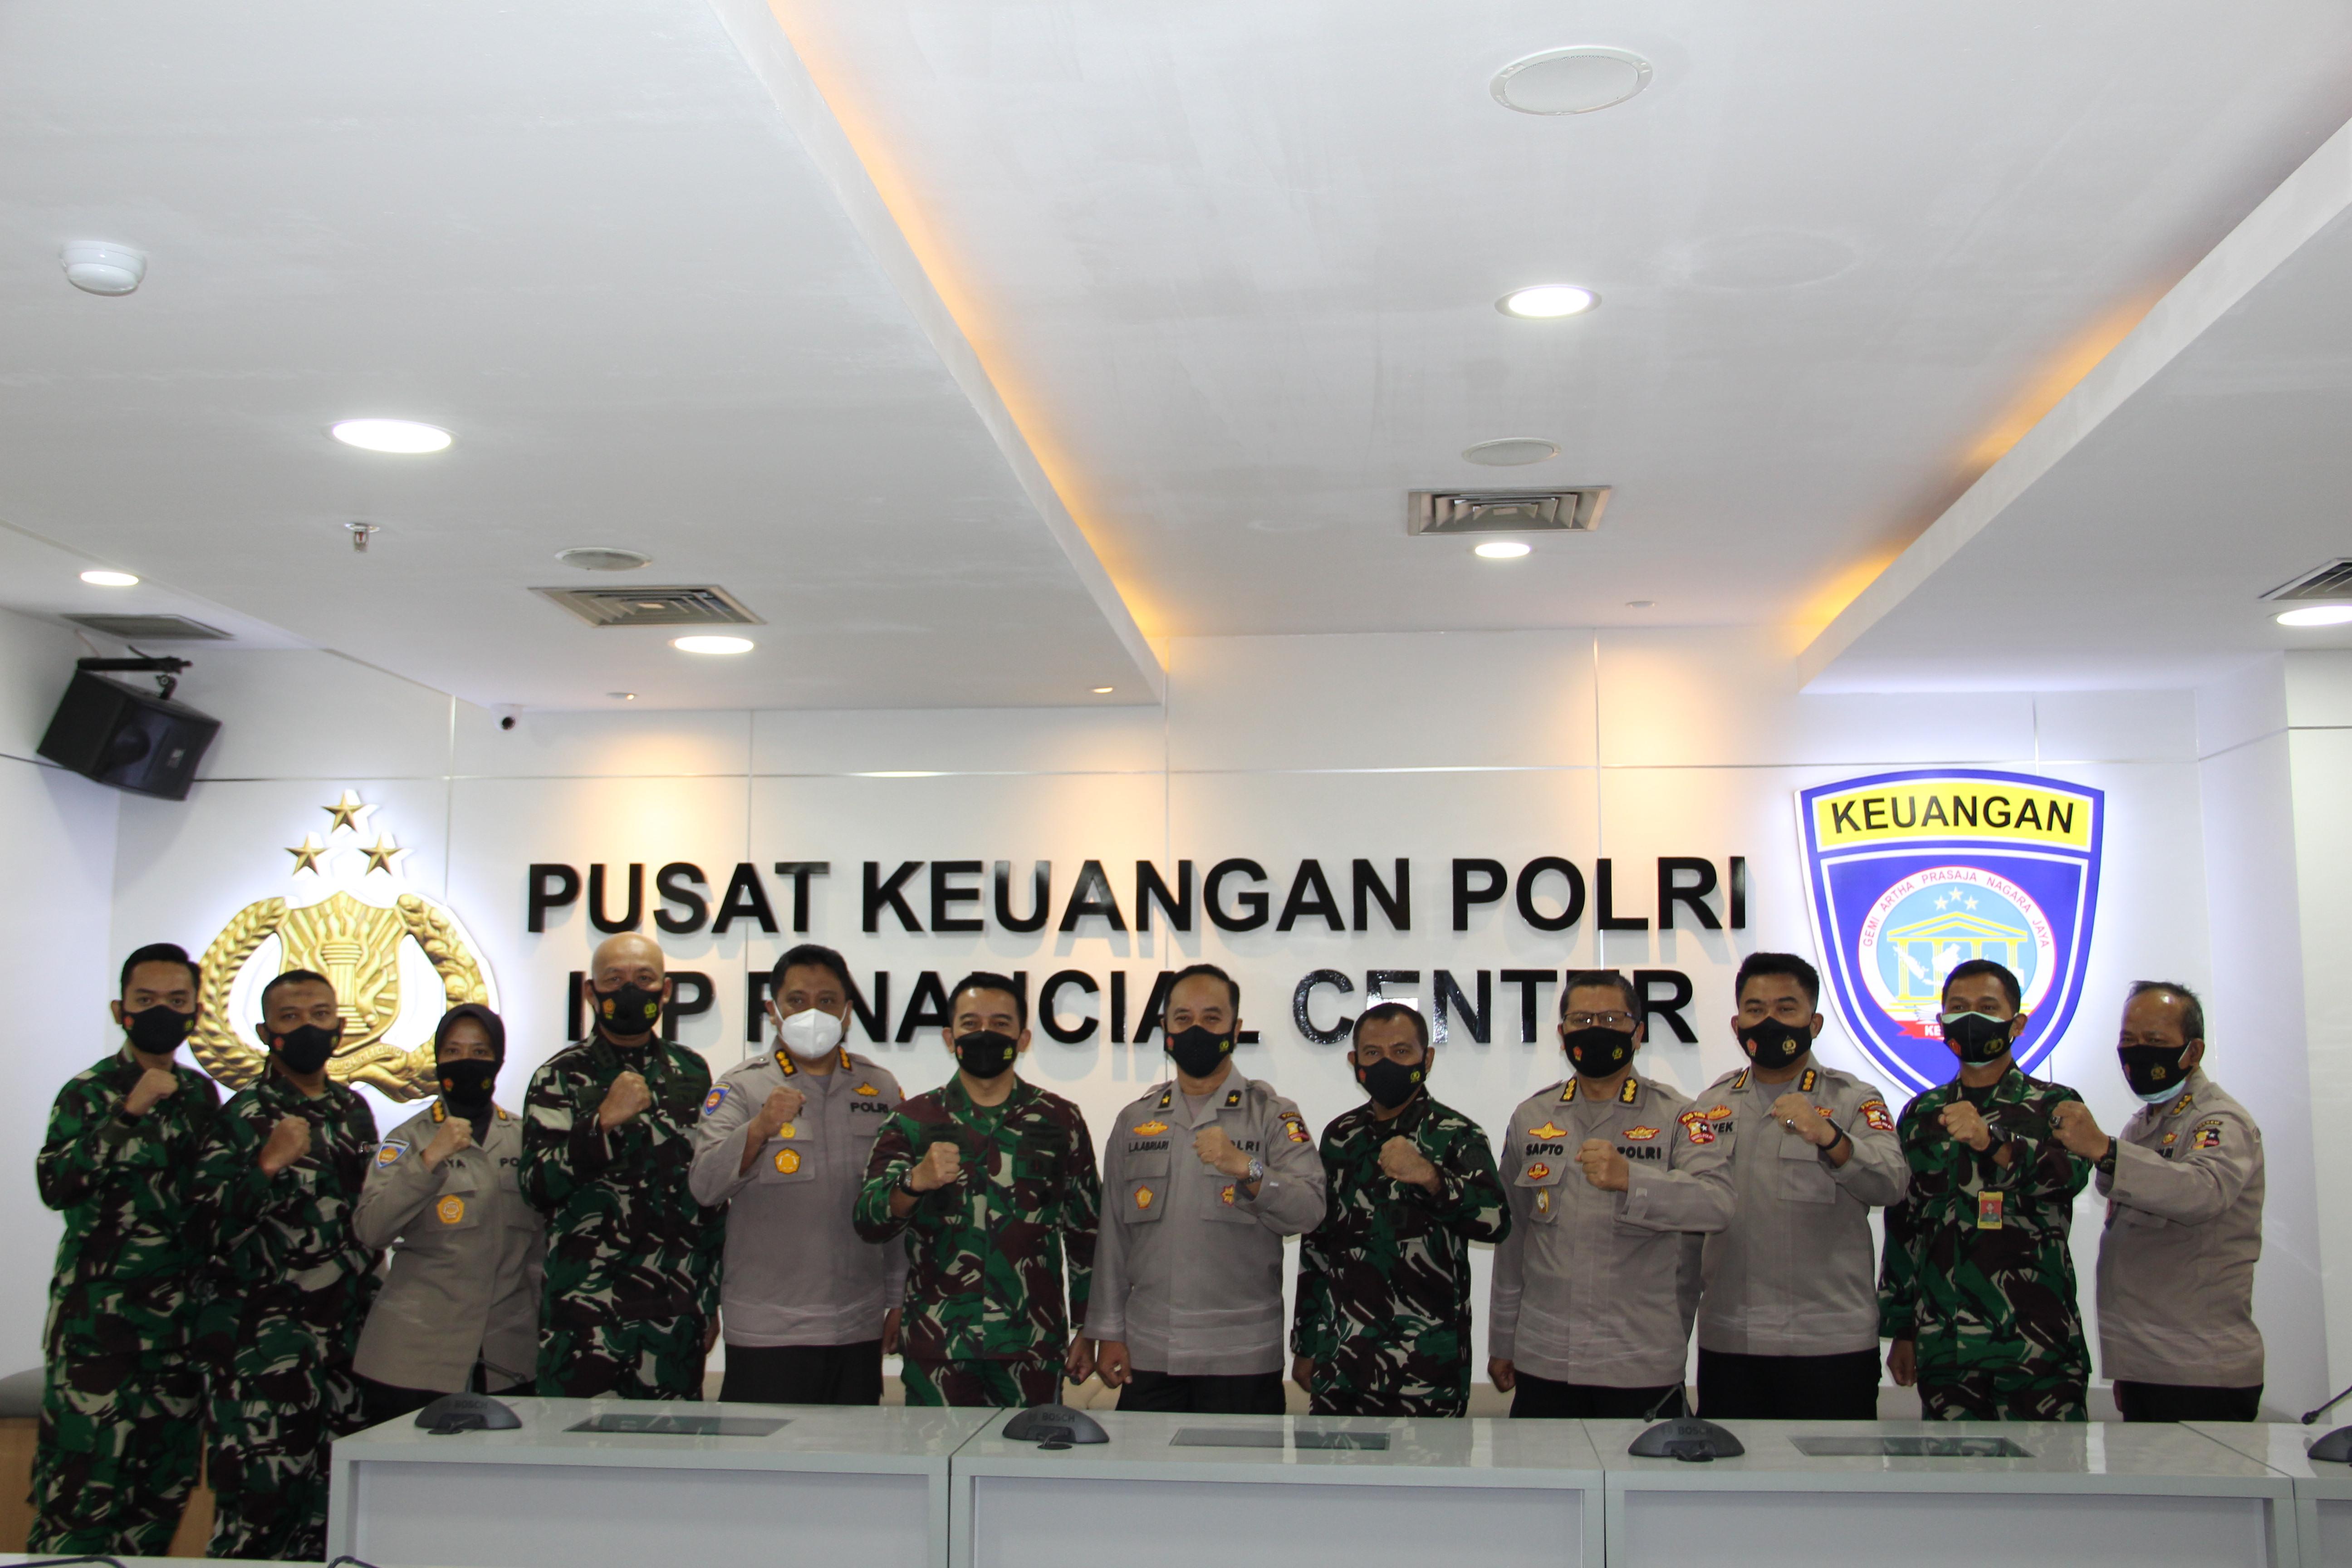 Kapuskeu Polri Menyambut Kedatangan Kapusku TNI di Puskeu Polri